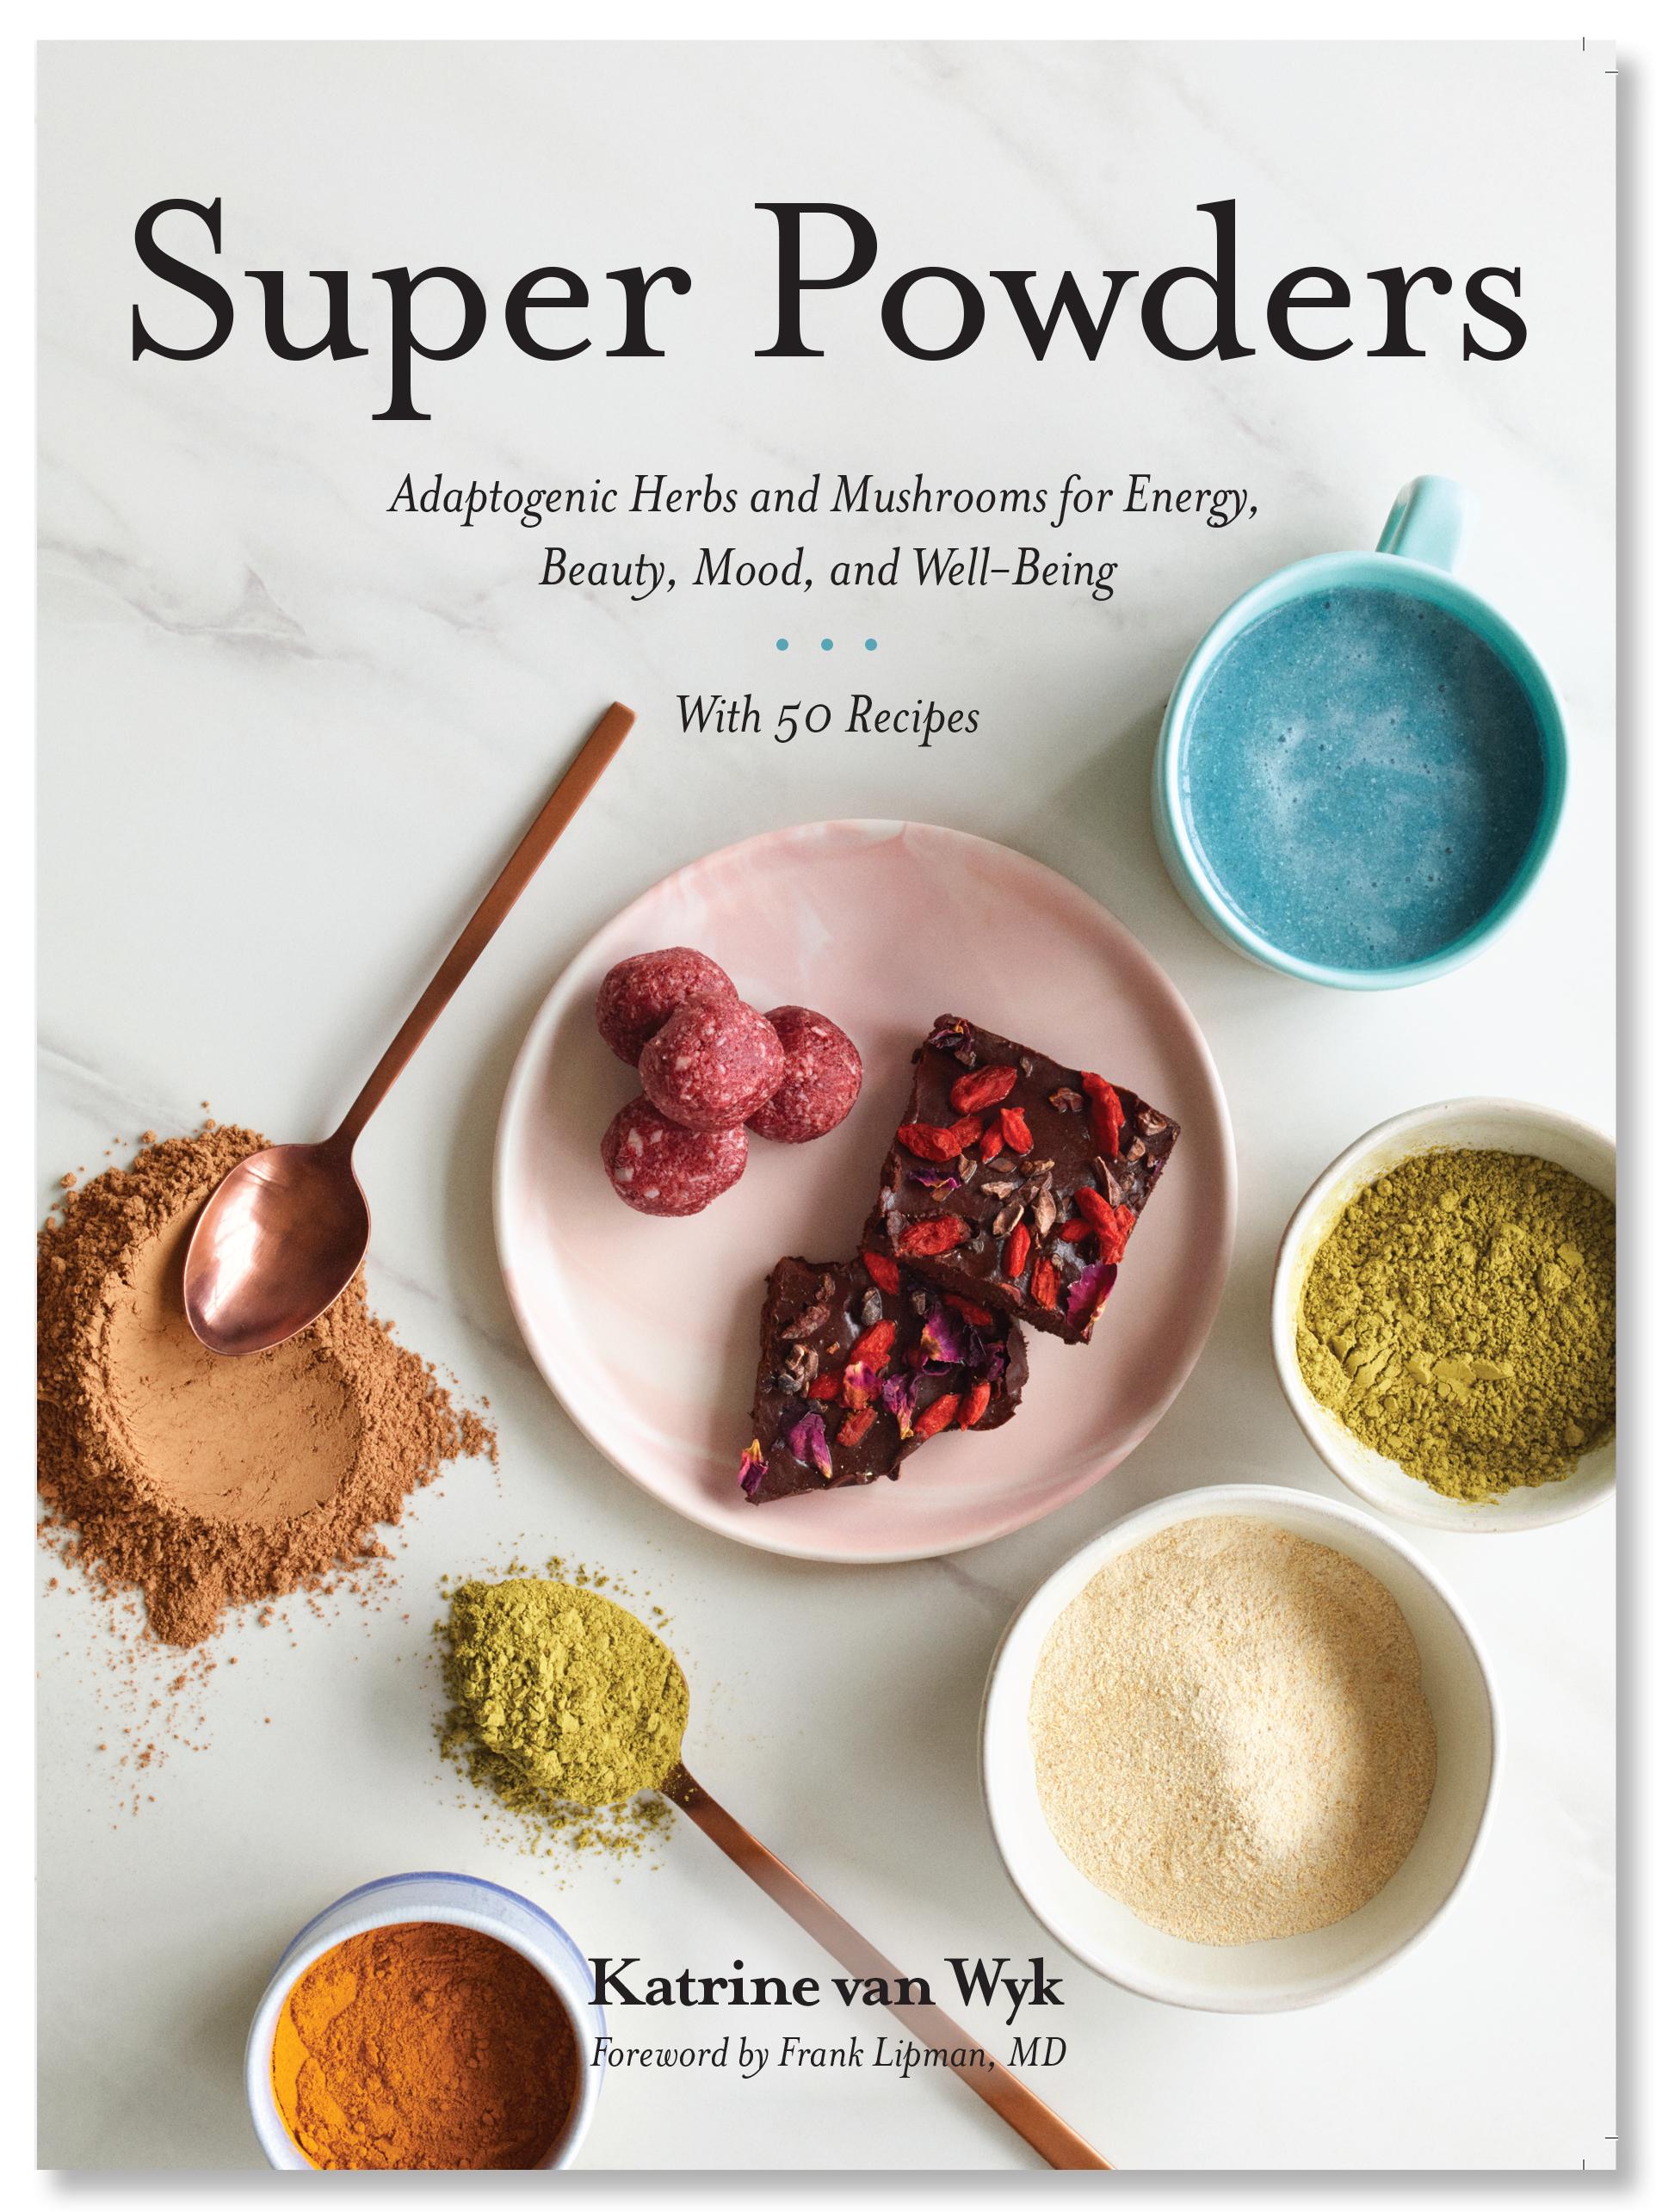 Super Powders Katrine van Wyk